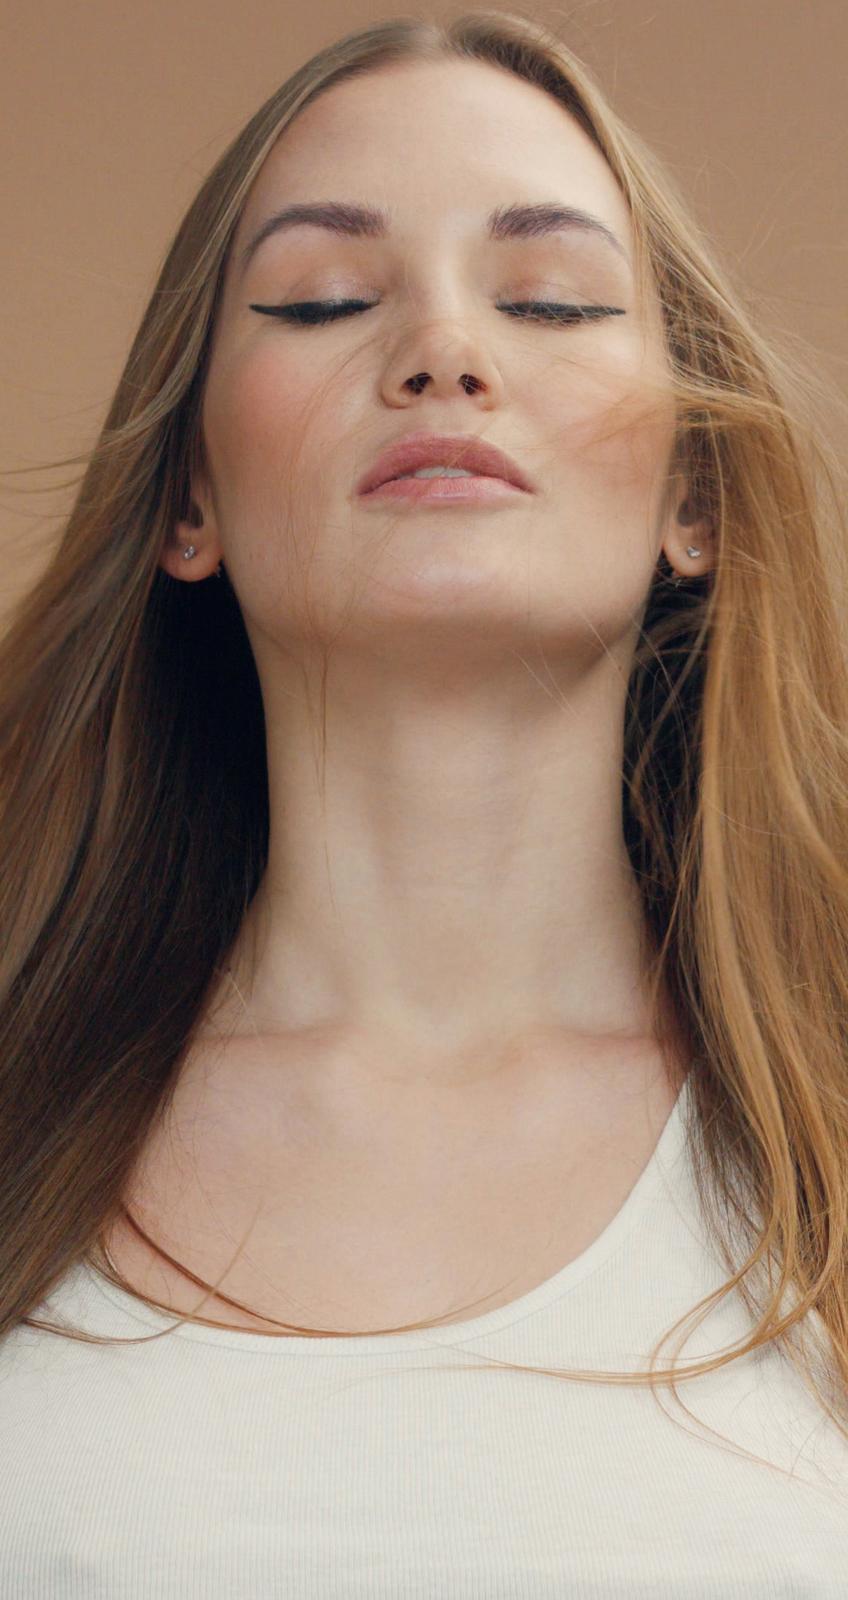 giovane donna con capelli lunghi e chiari ed occhi chiusi